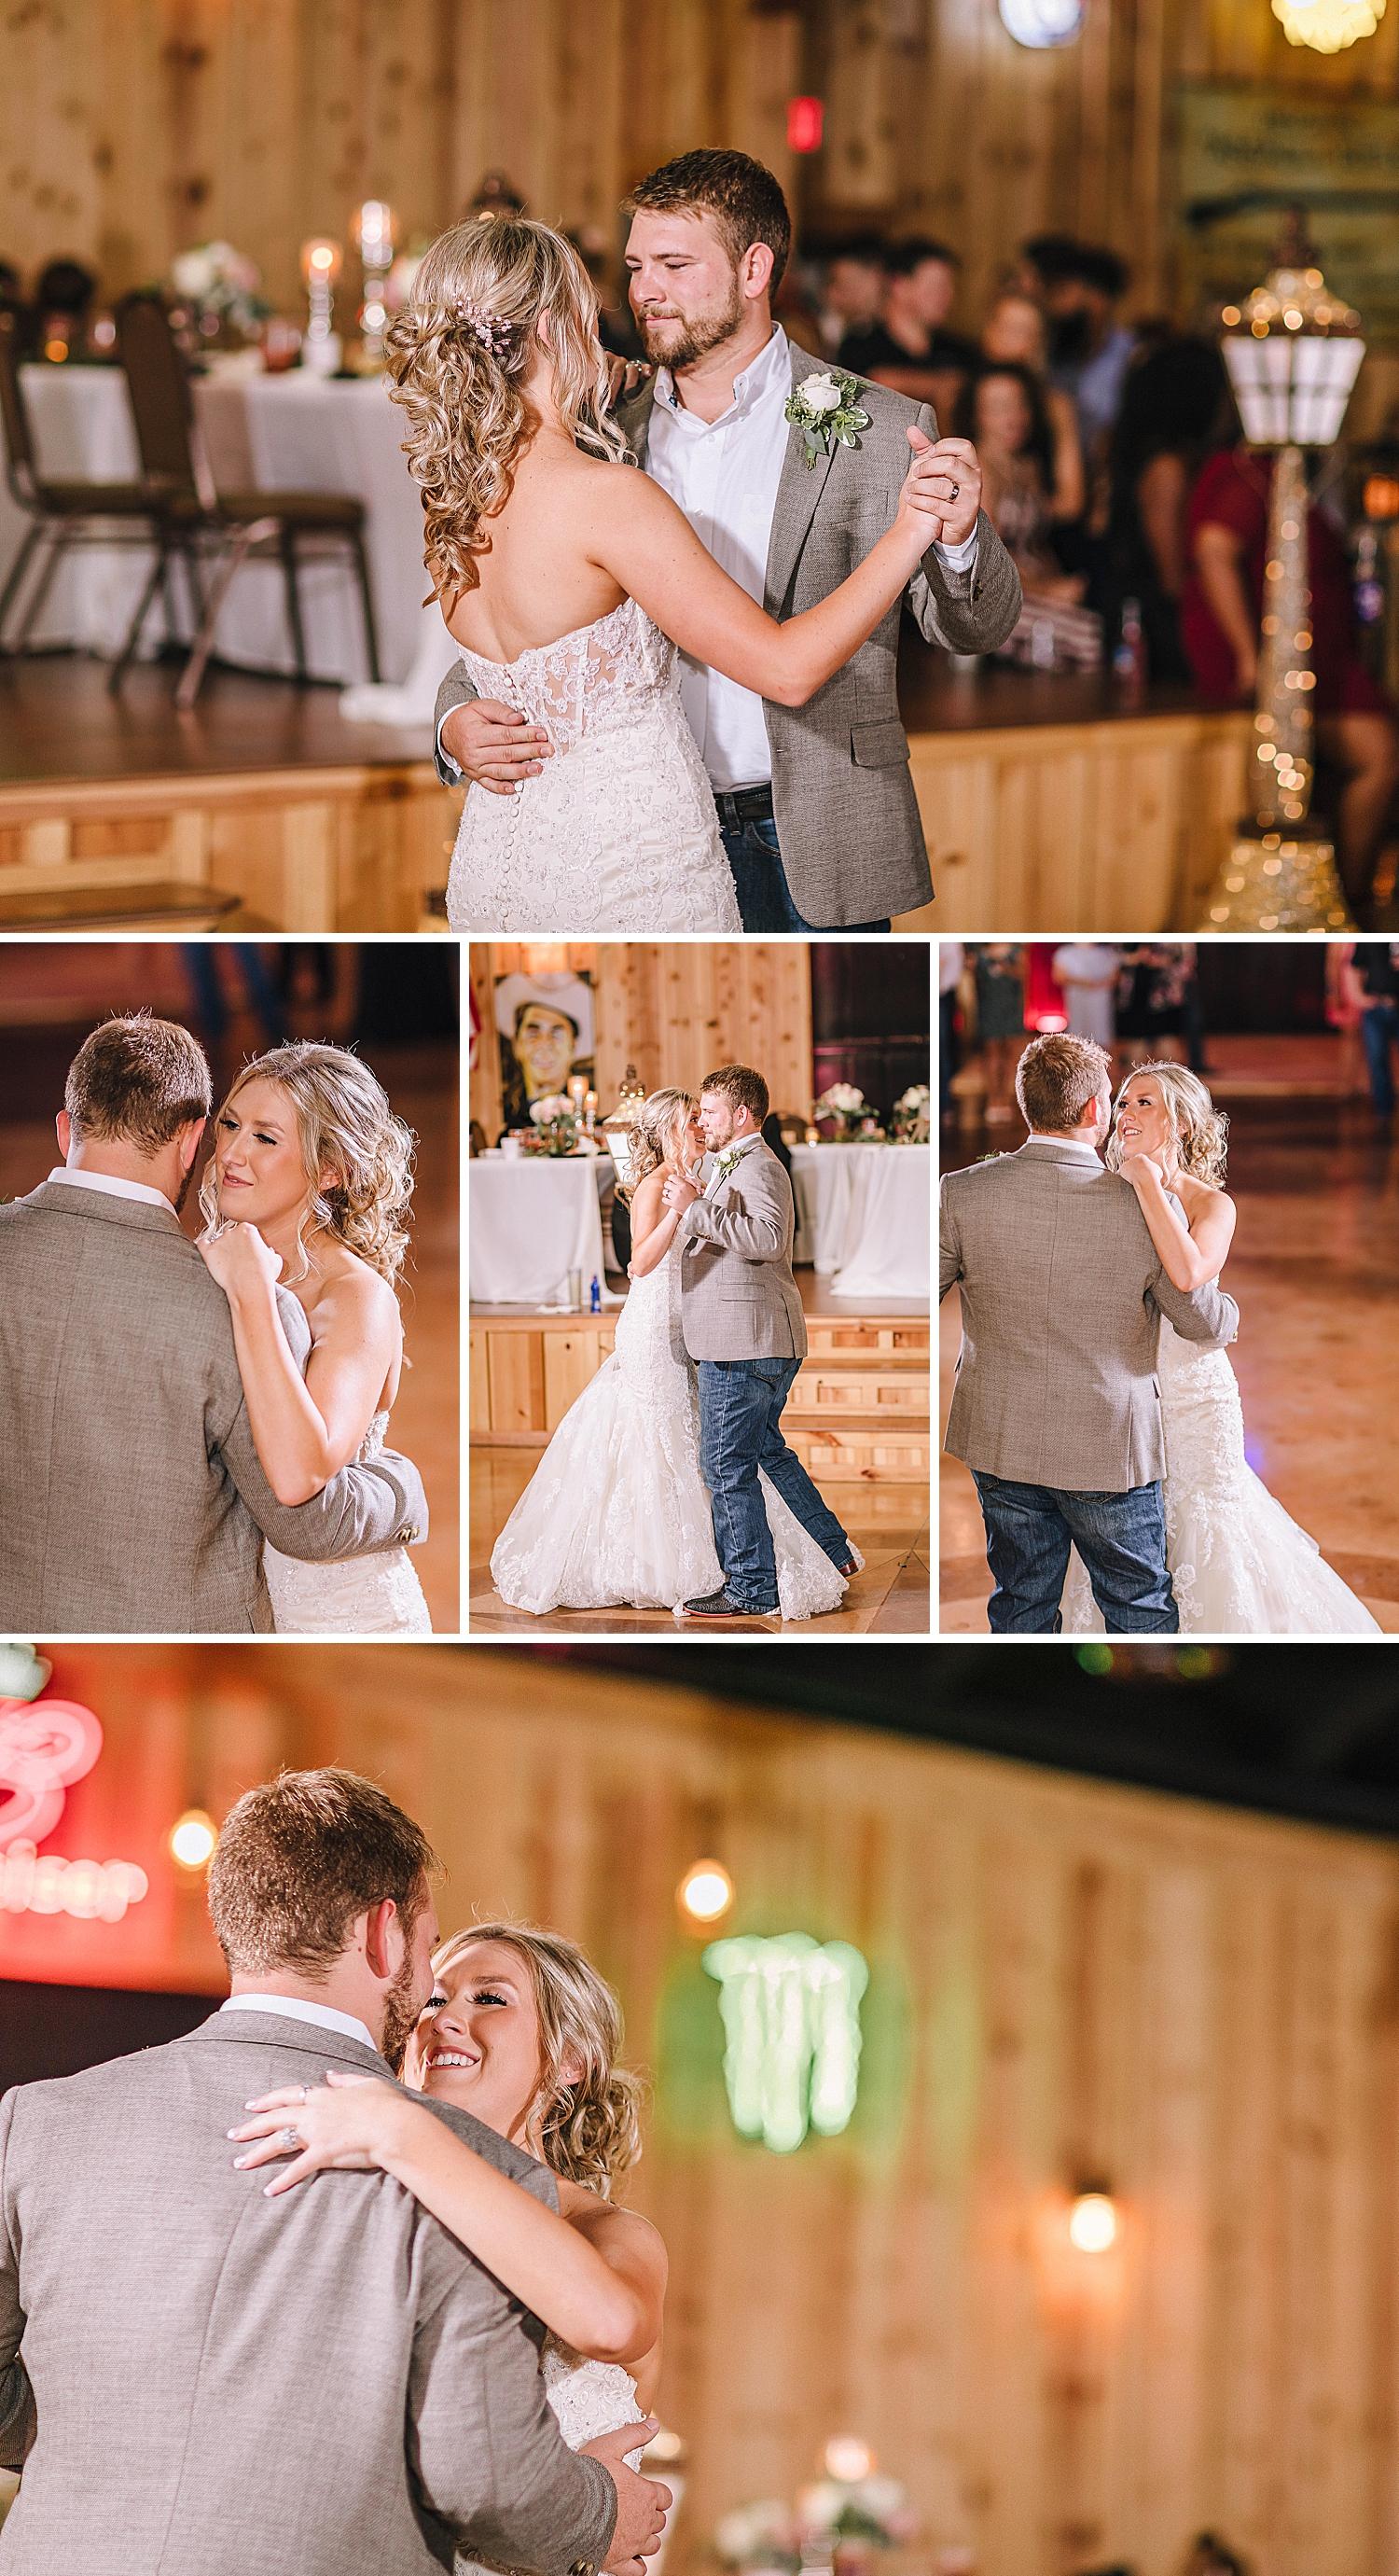 Rackler-Ranch-LaVernia-Texas-Wedding-Carly-Barton-Photography_0118.jpg